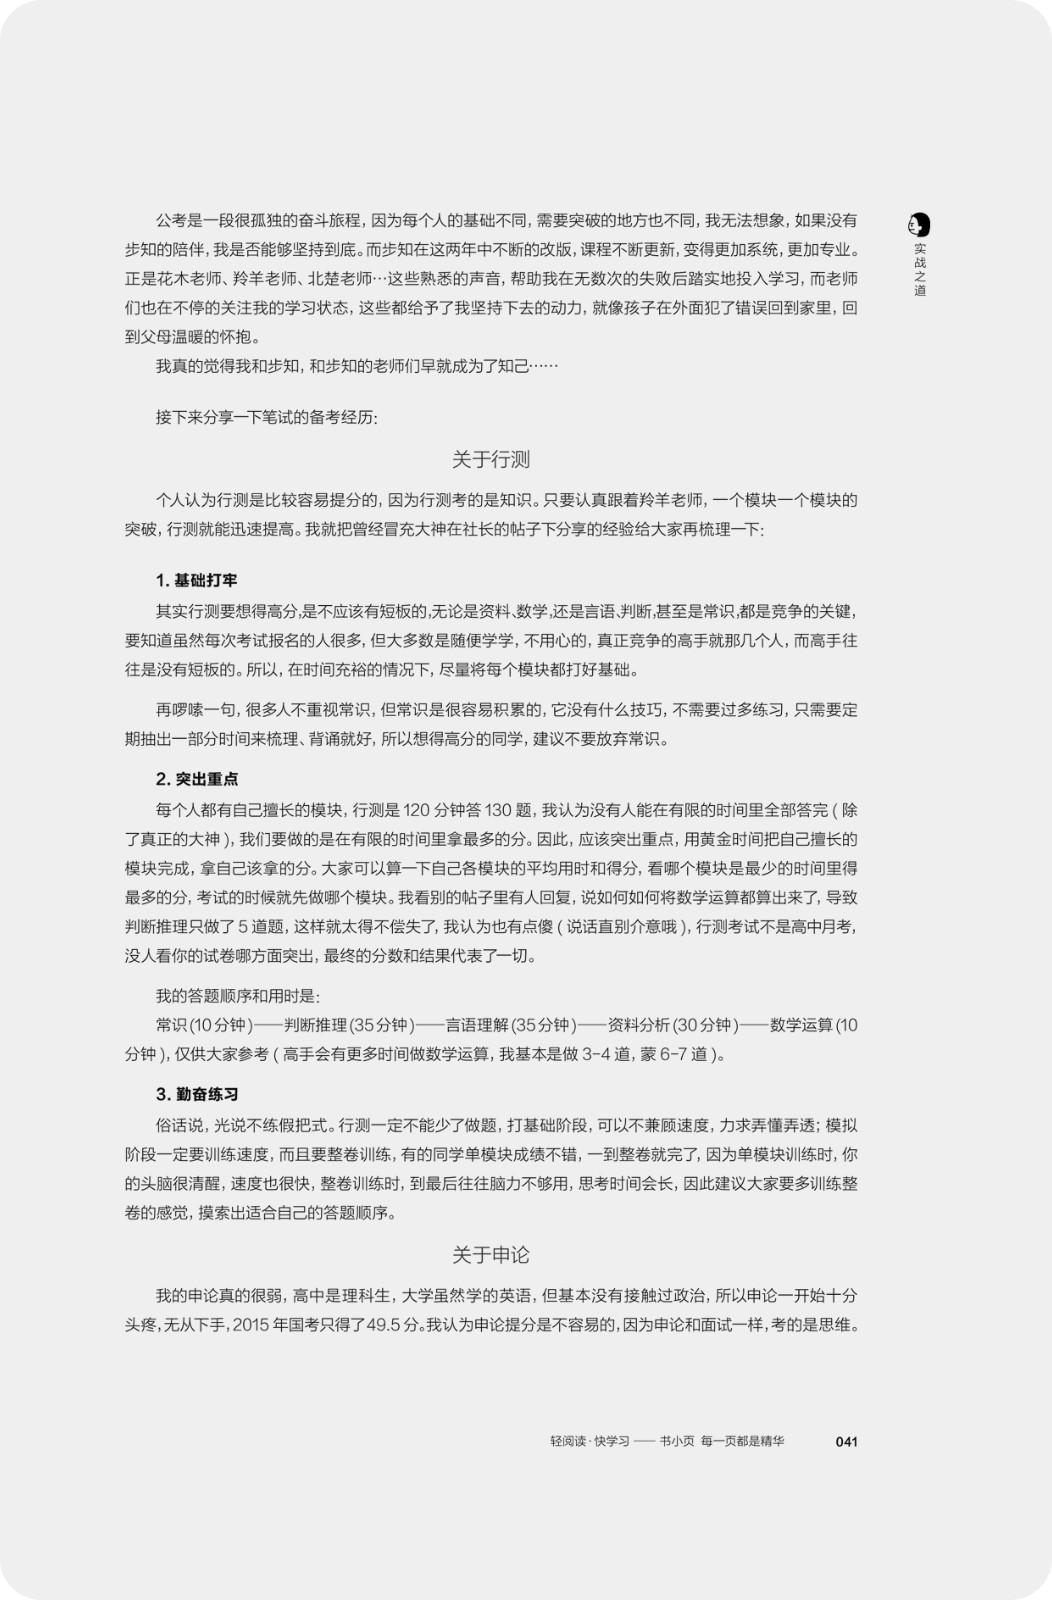 公务员考试经验_蜀道不难:公务员考试高分之道.jpg